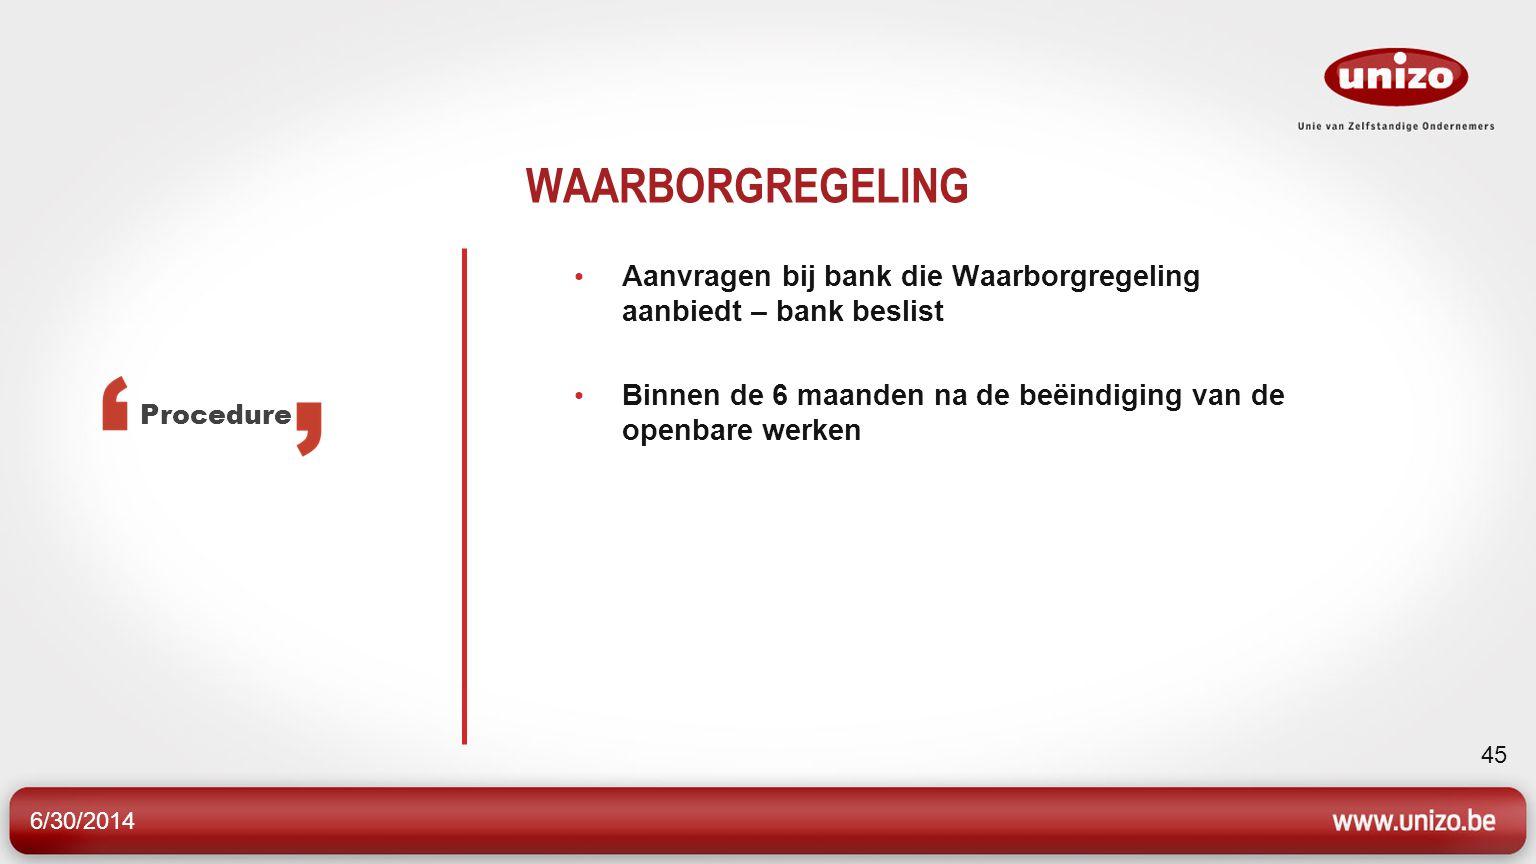 6/30/2014 45 WAARBORGREGELING • Aanvragen bij bank die Waarborgregeling aanbiedt – bank beslist • Binnen de 6 maanden na de beëindiging van de openbare werken Procedure